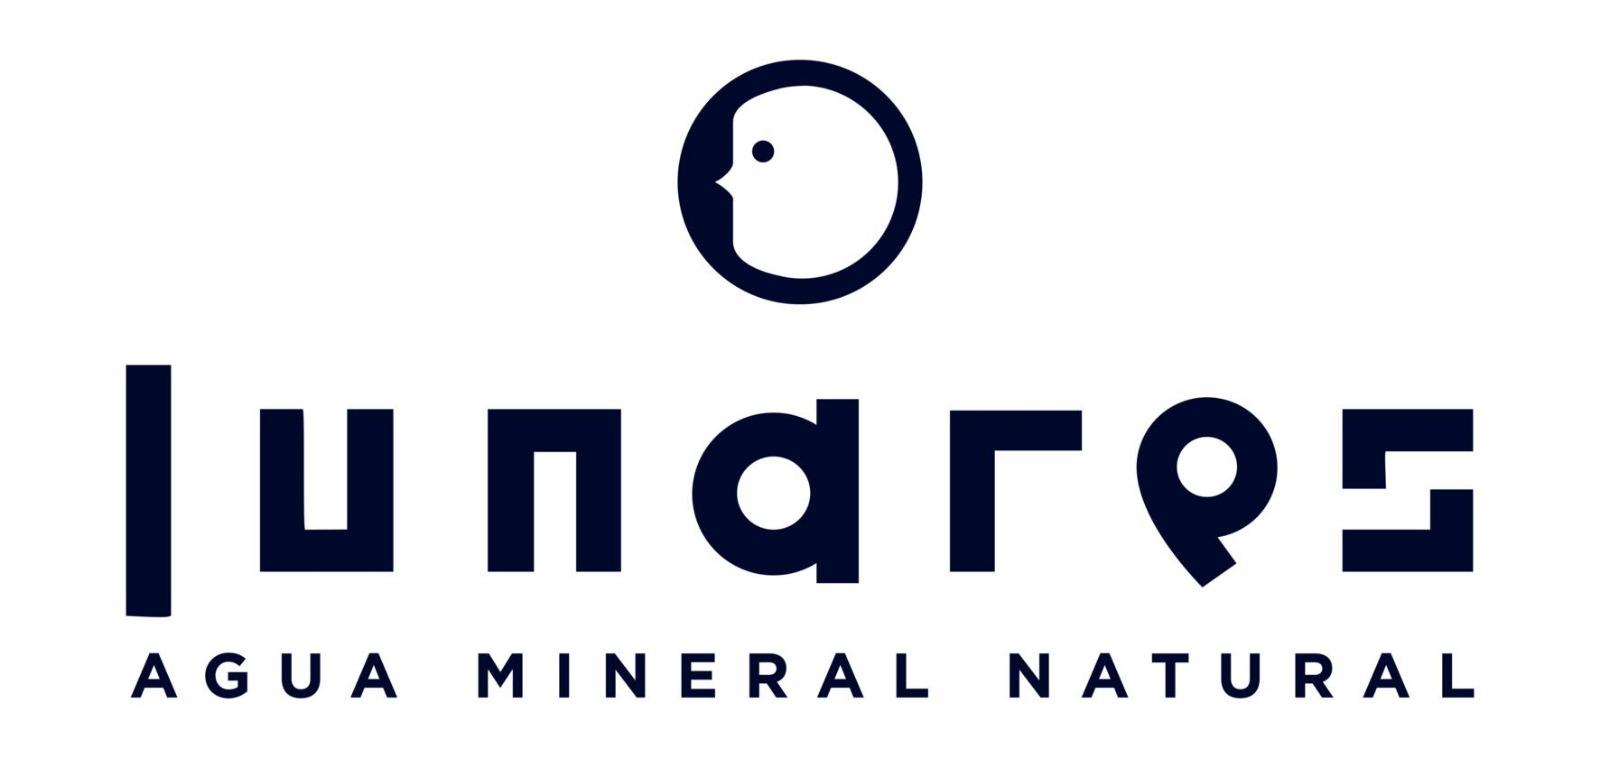 Logo de Lunares Agua Mineral Natural